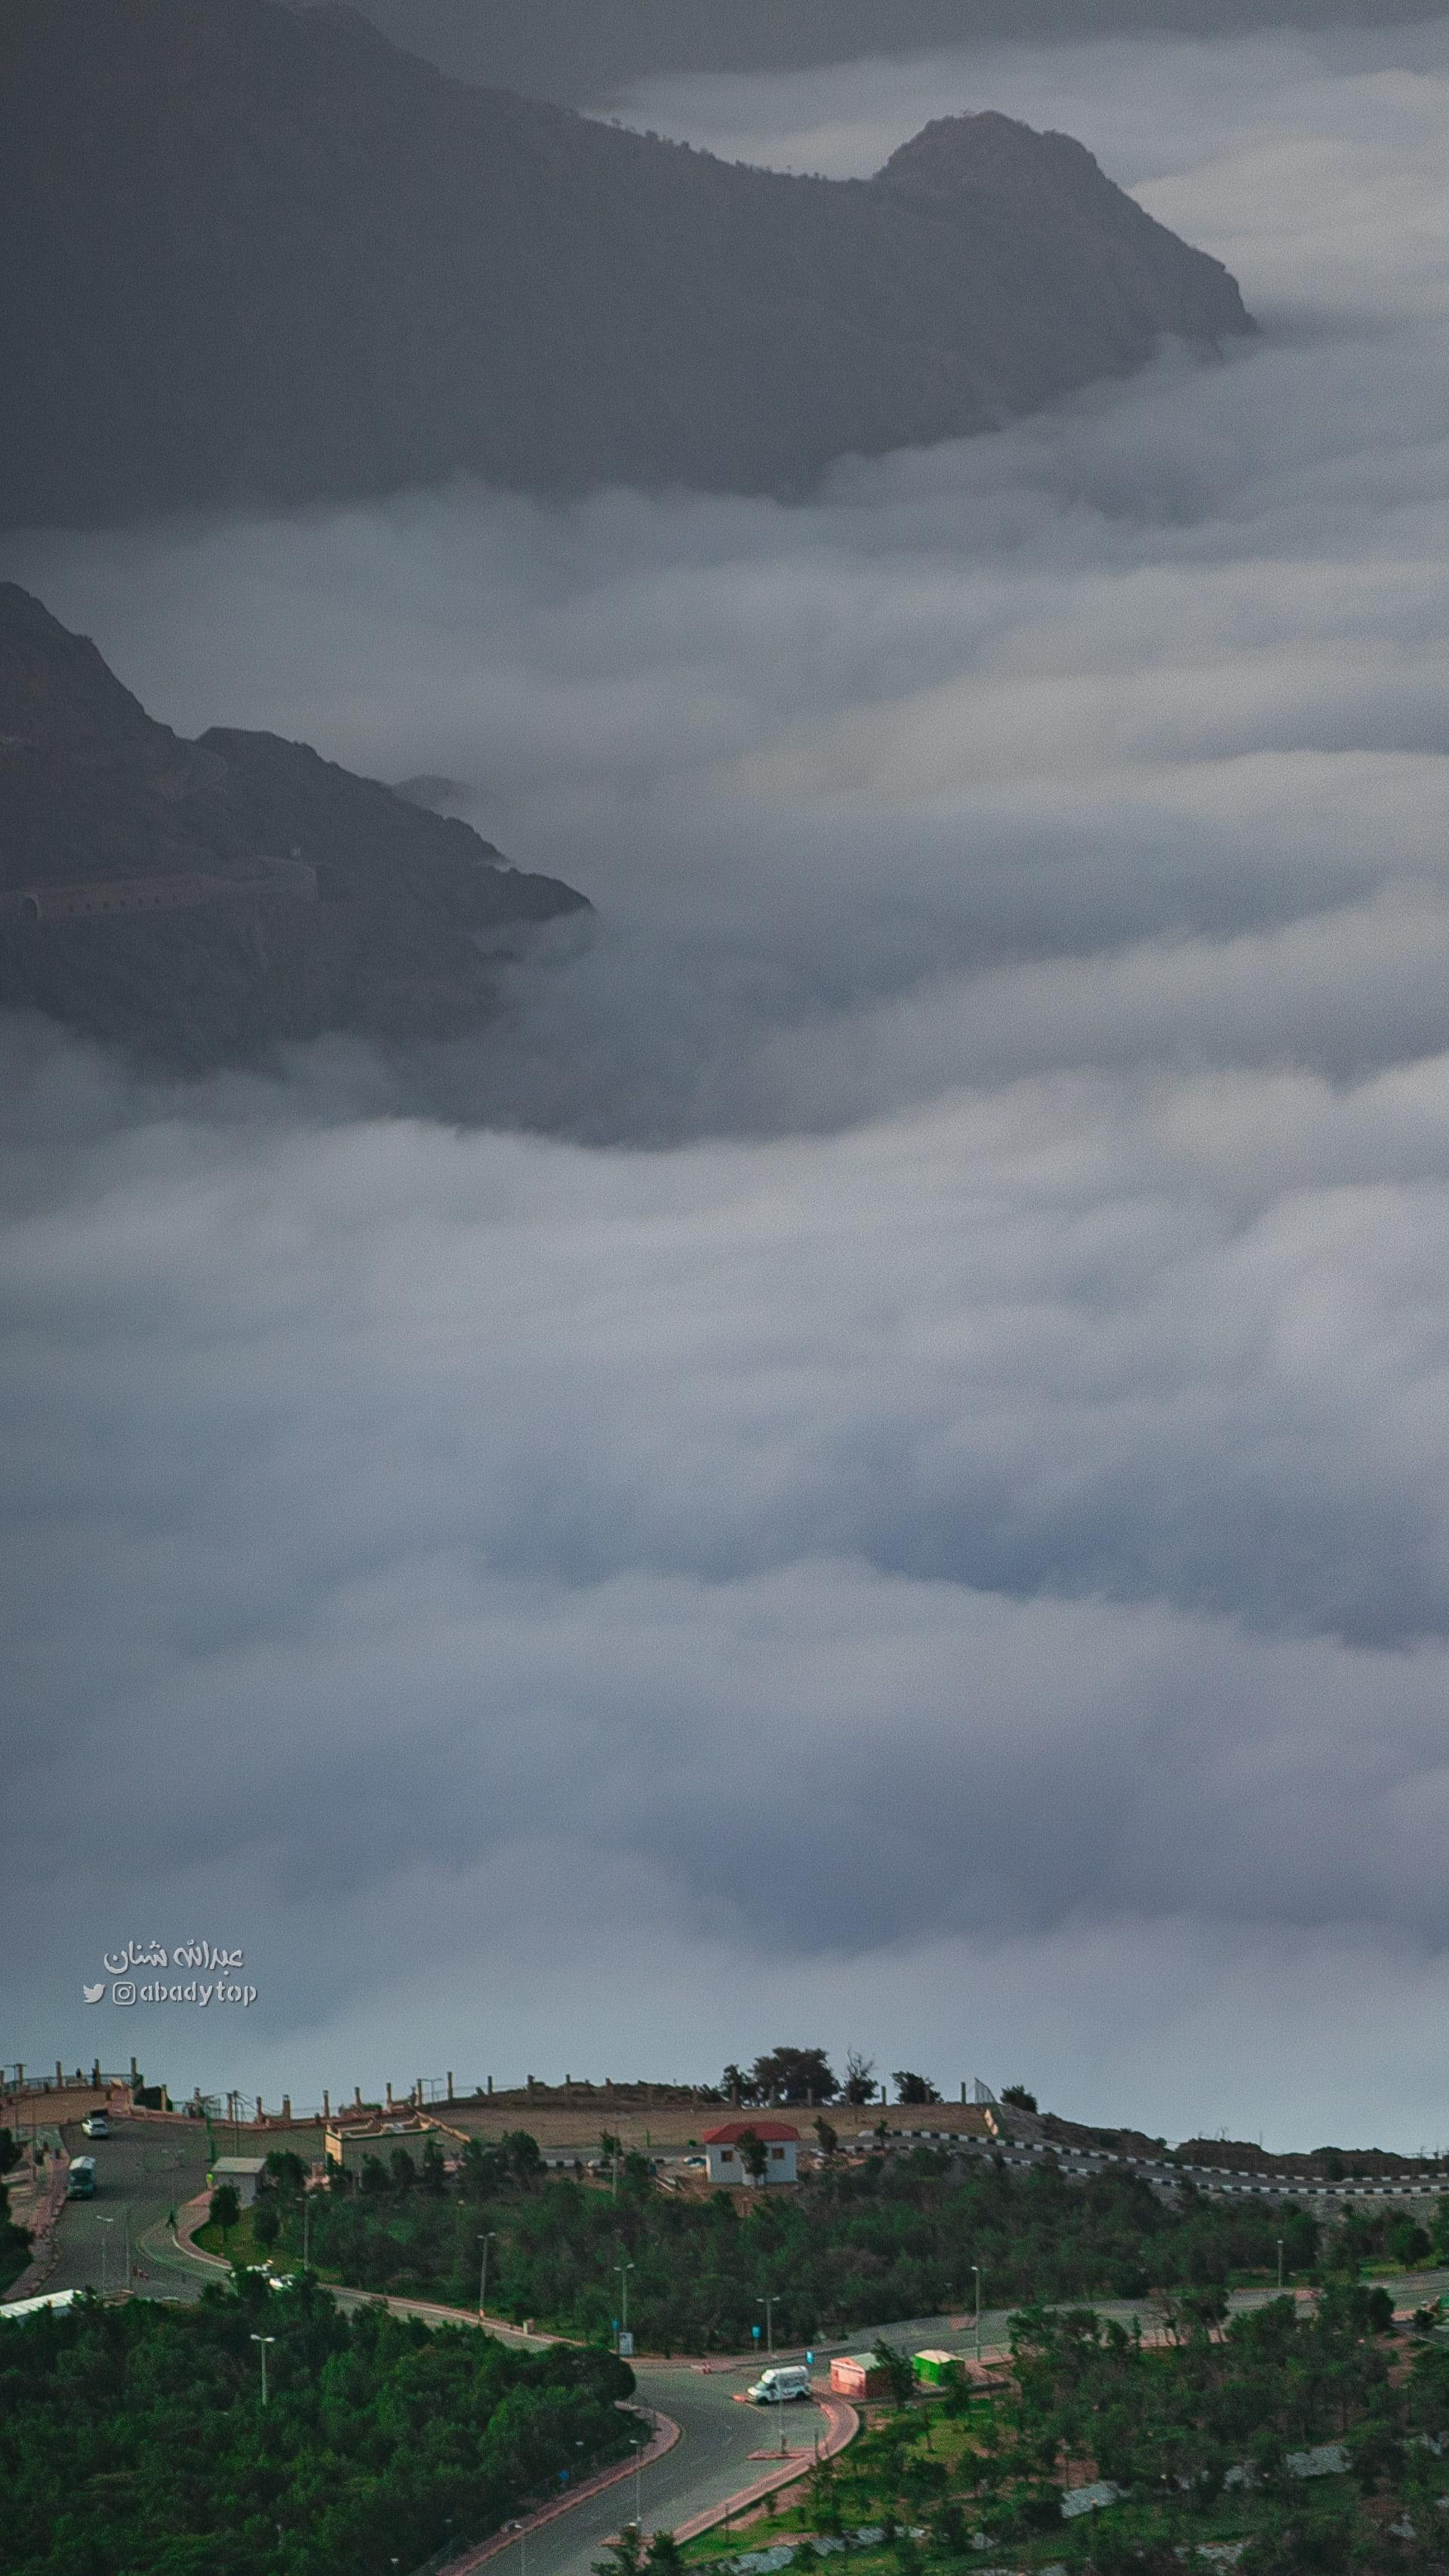 ظاهرة تسحر الكثيرين بالسعودية.. ما السبب وراء السحب المنخفضة؟